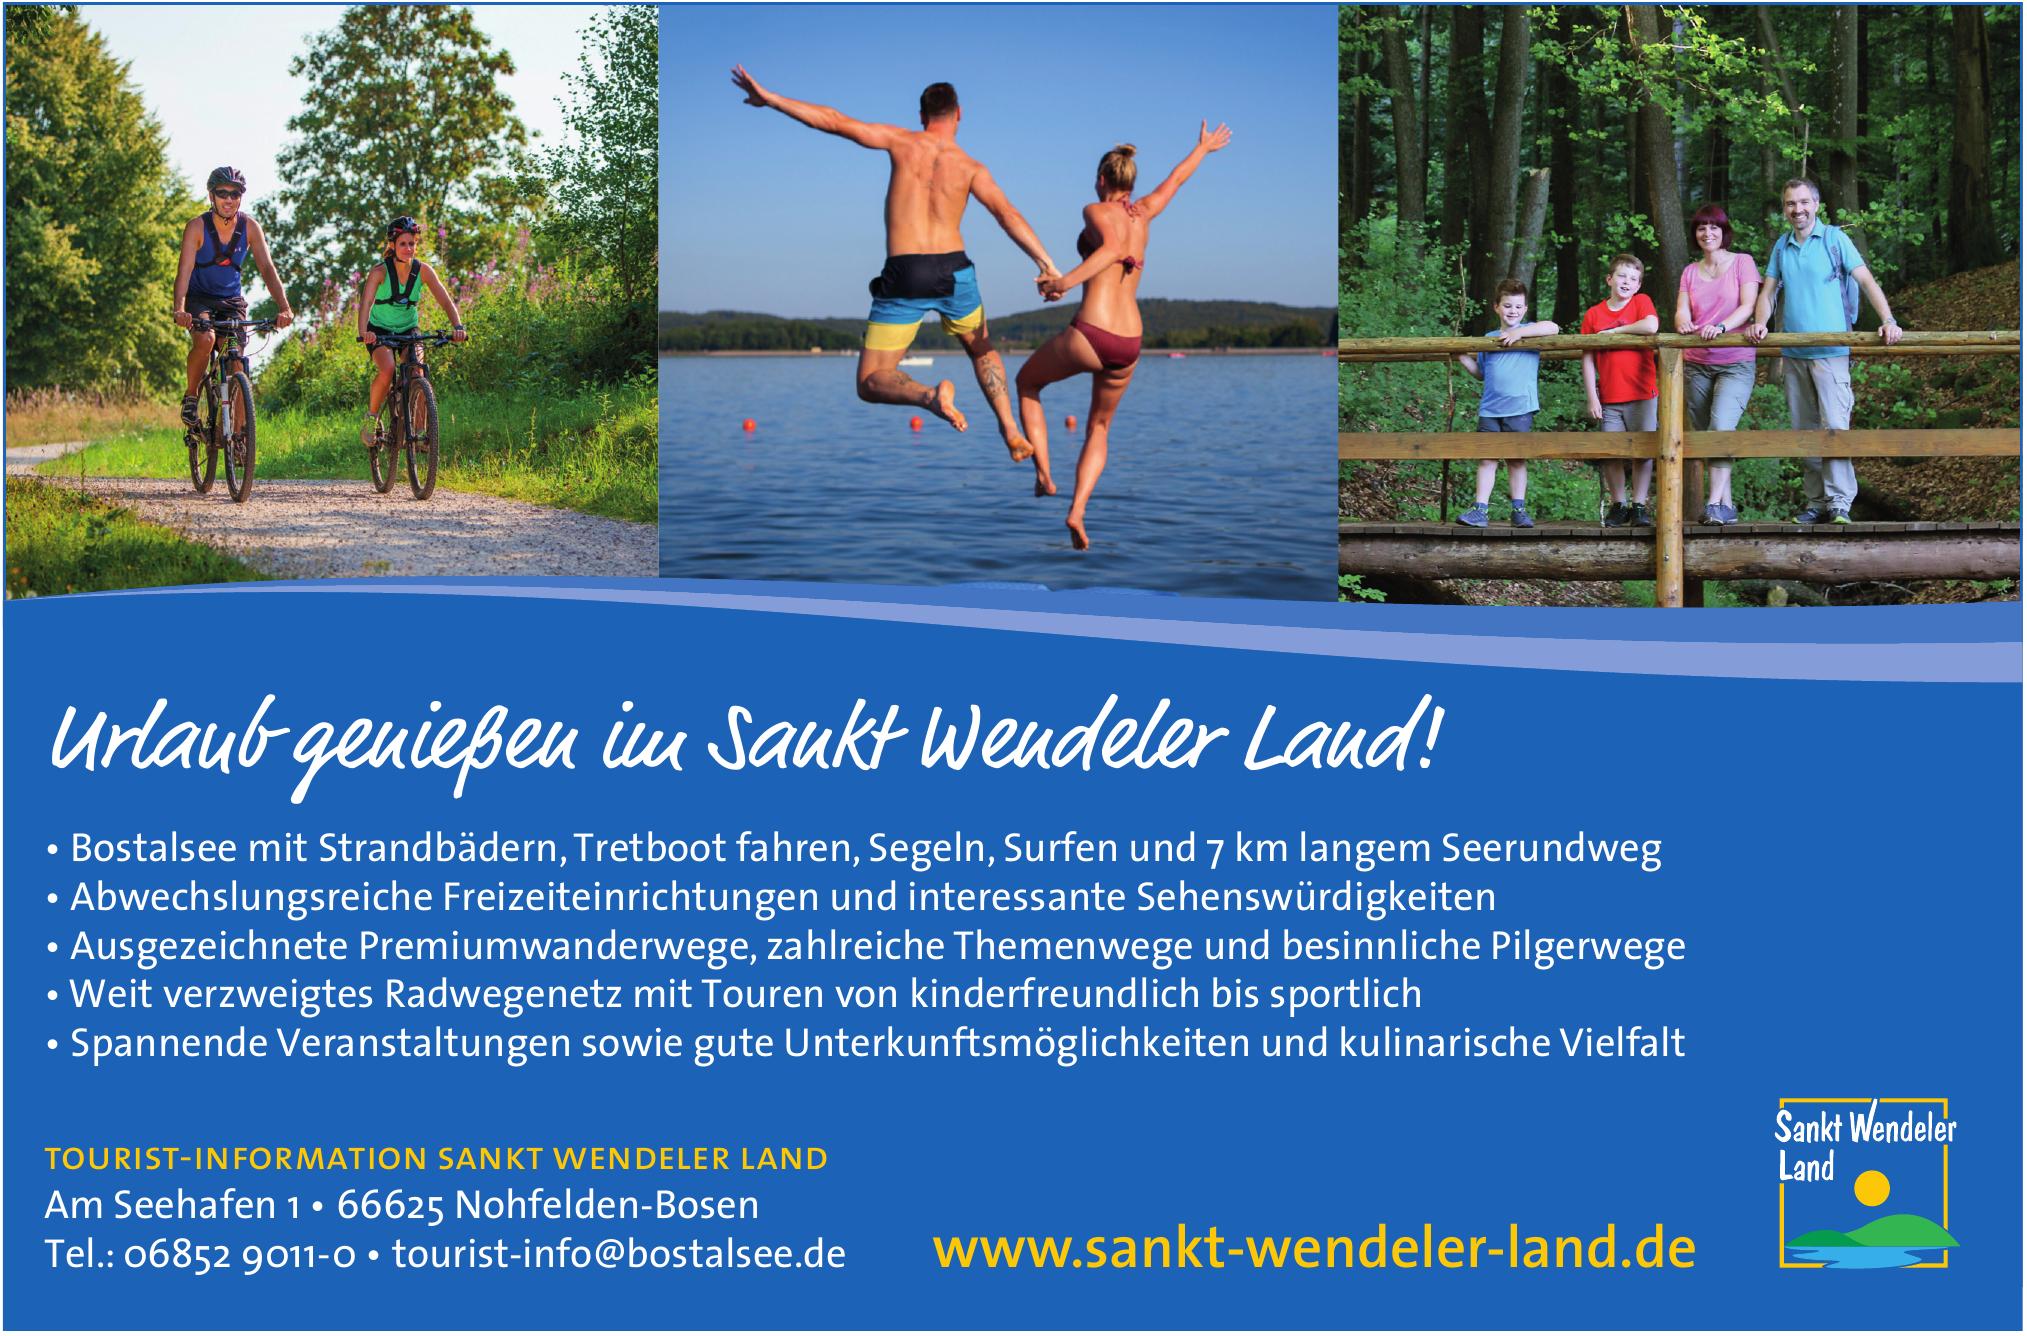 Tourist-Information Sankt Wendeler Land